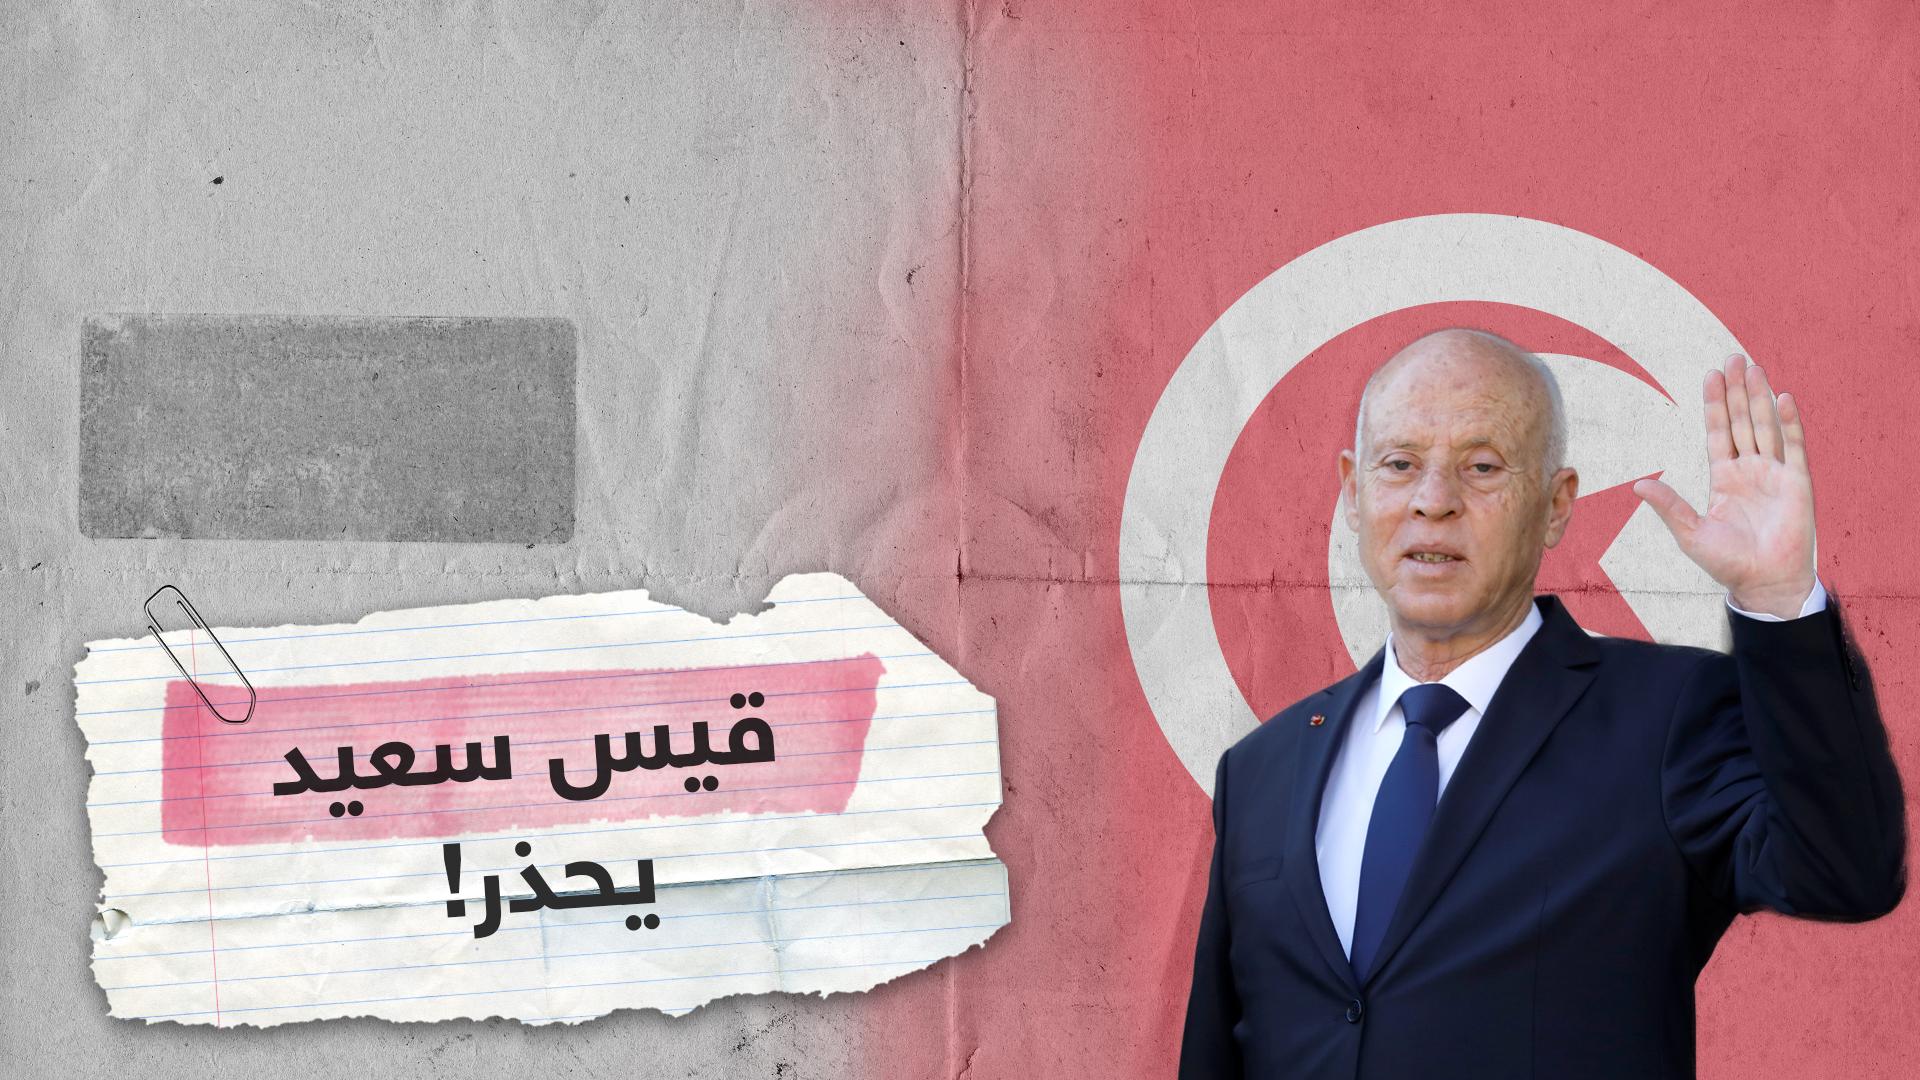 """الرئيس التونسي: """"هناك للأسف من يسعى إلى تفجير الدولة من الداخل"""""""